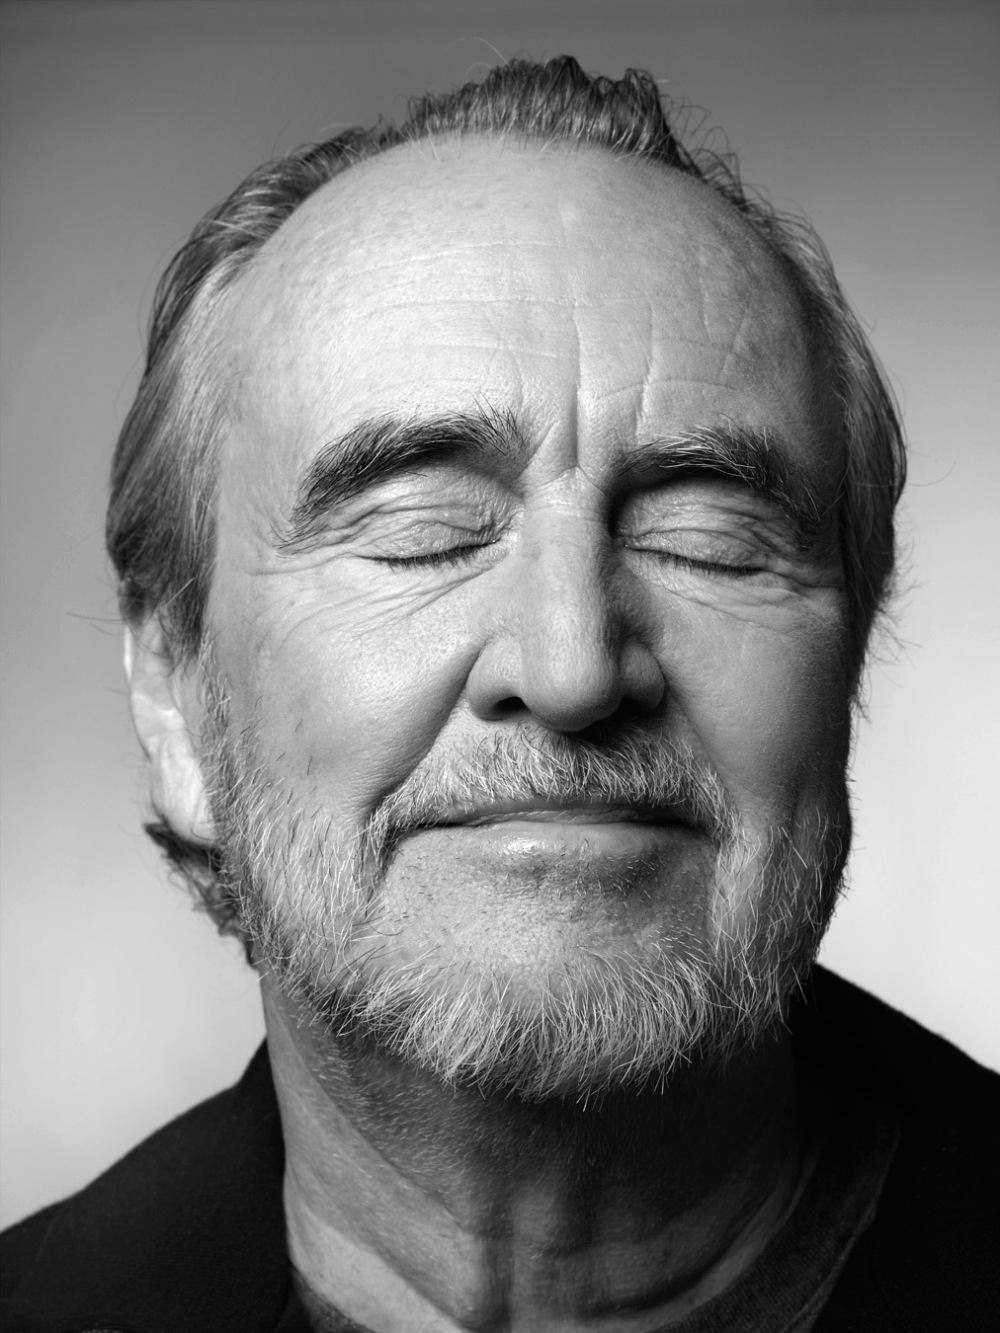 Wes Craven (1979-2015)